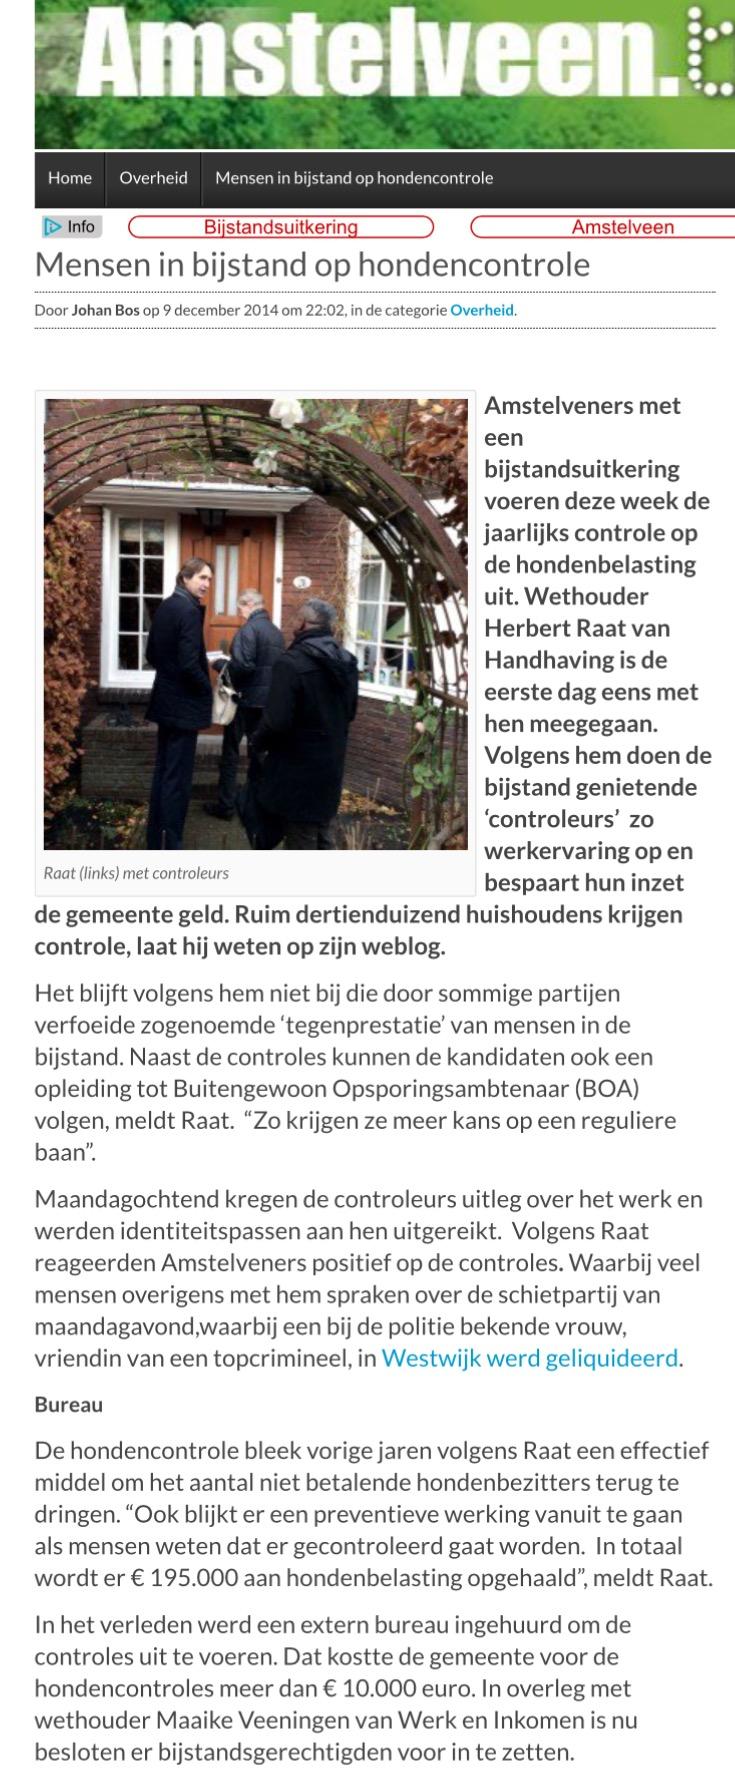 2014-9-12 AmstelveenBlog.nl: mensen in bijstand op hondencontrole